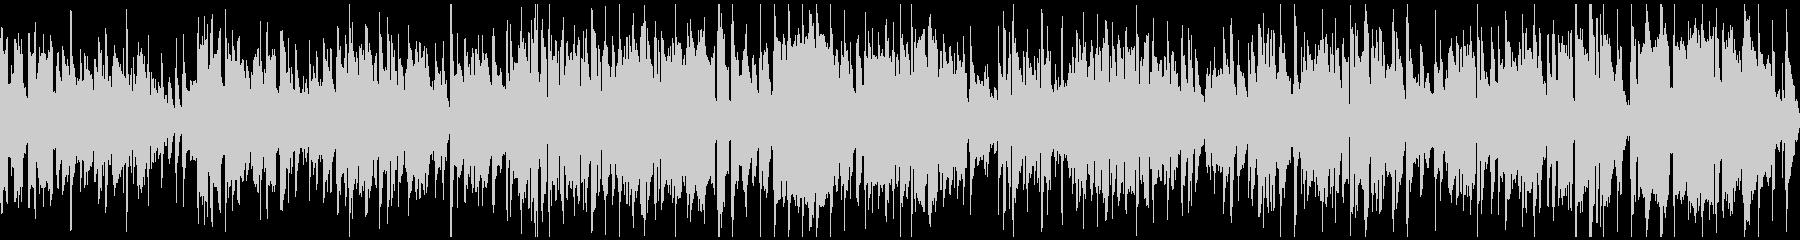 ウキウキするジャズファンク※ループ仕様版の未再生の波形